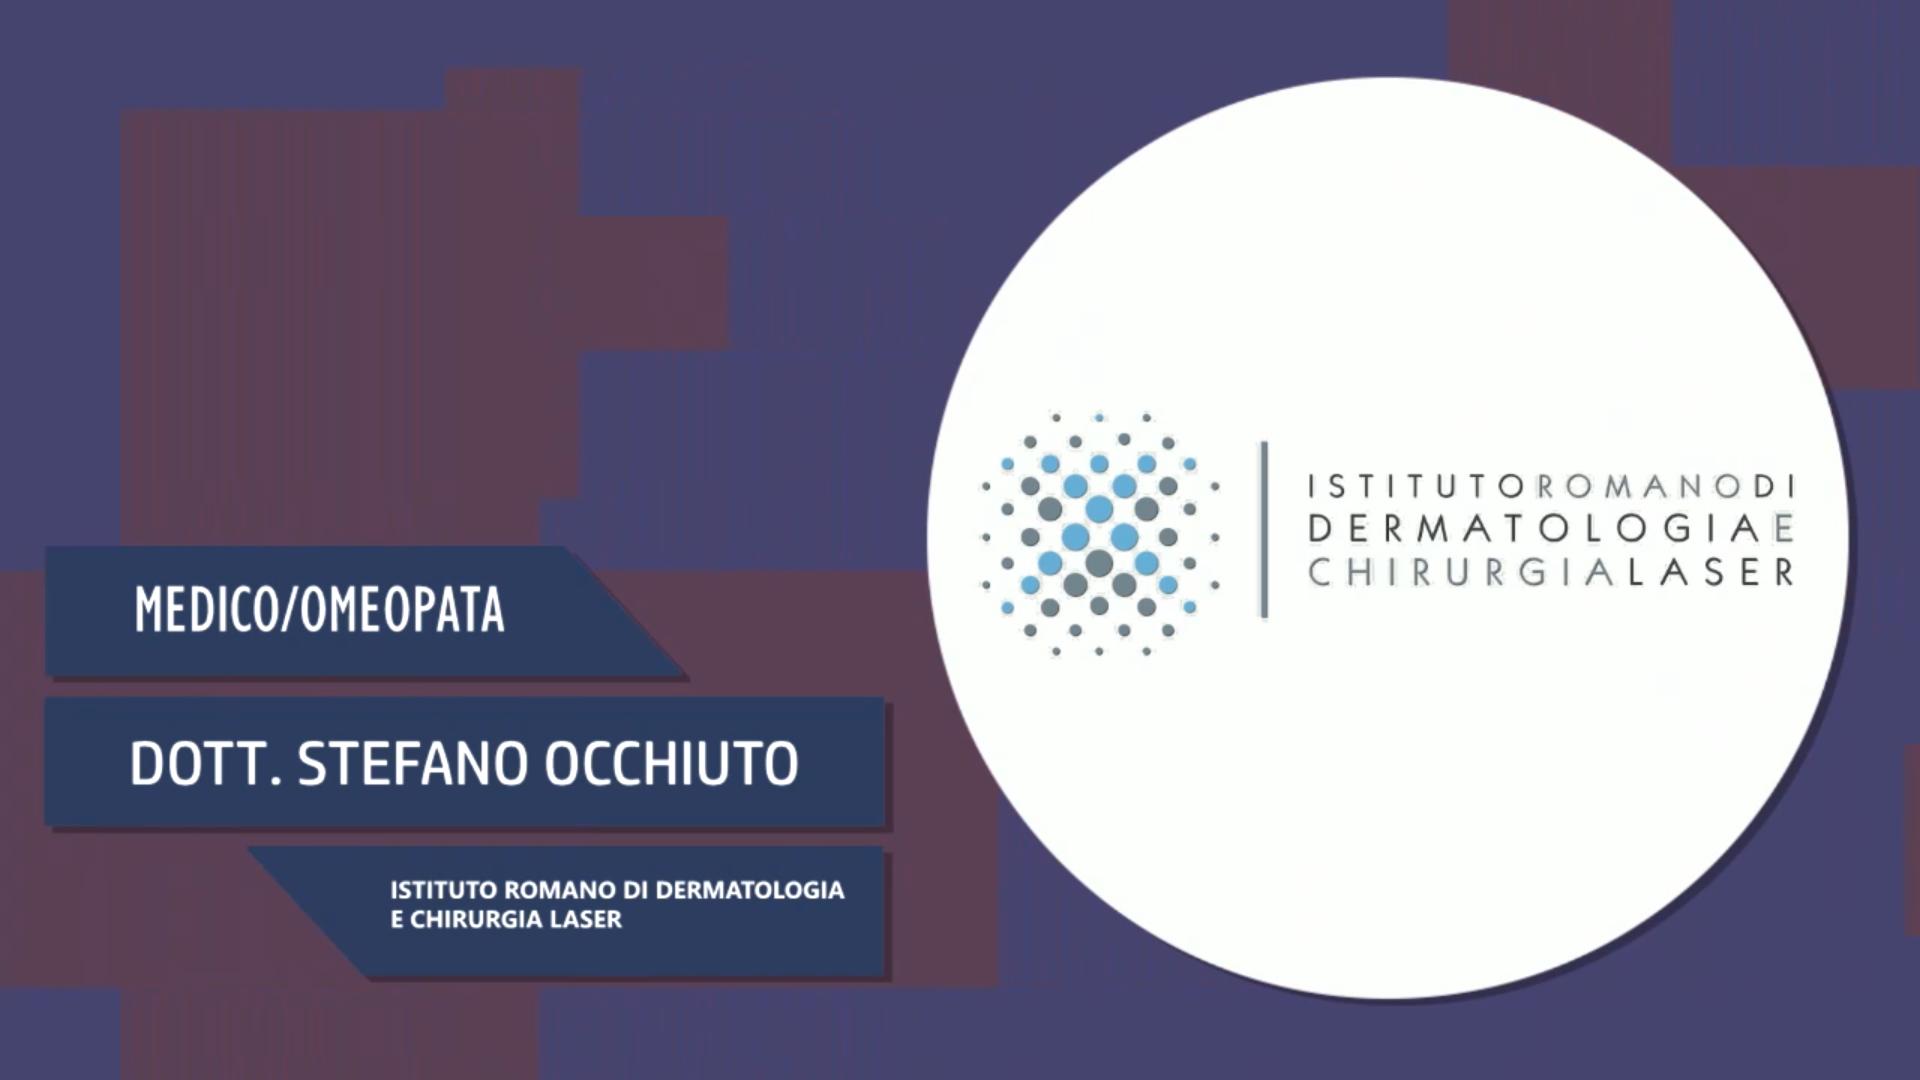 Intervista al Dott. Stefano Occhiuto – Istituto Romano di dermatologia e chirurgia laser